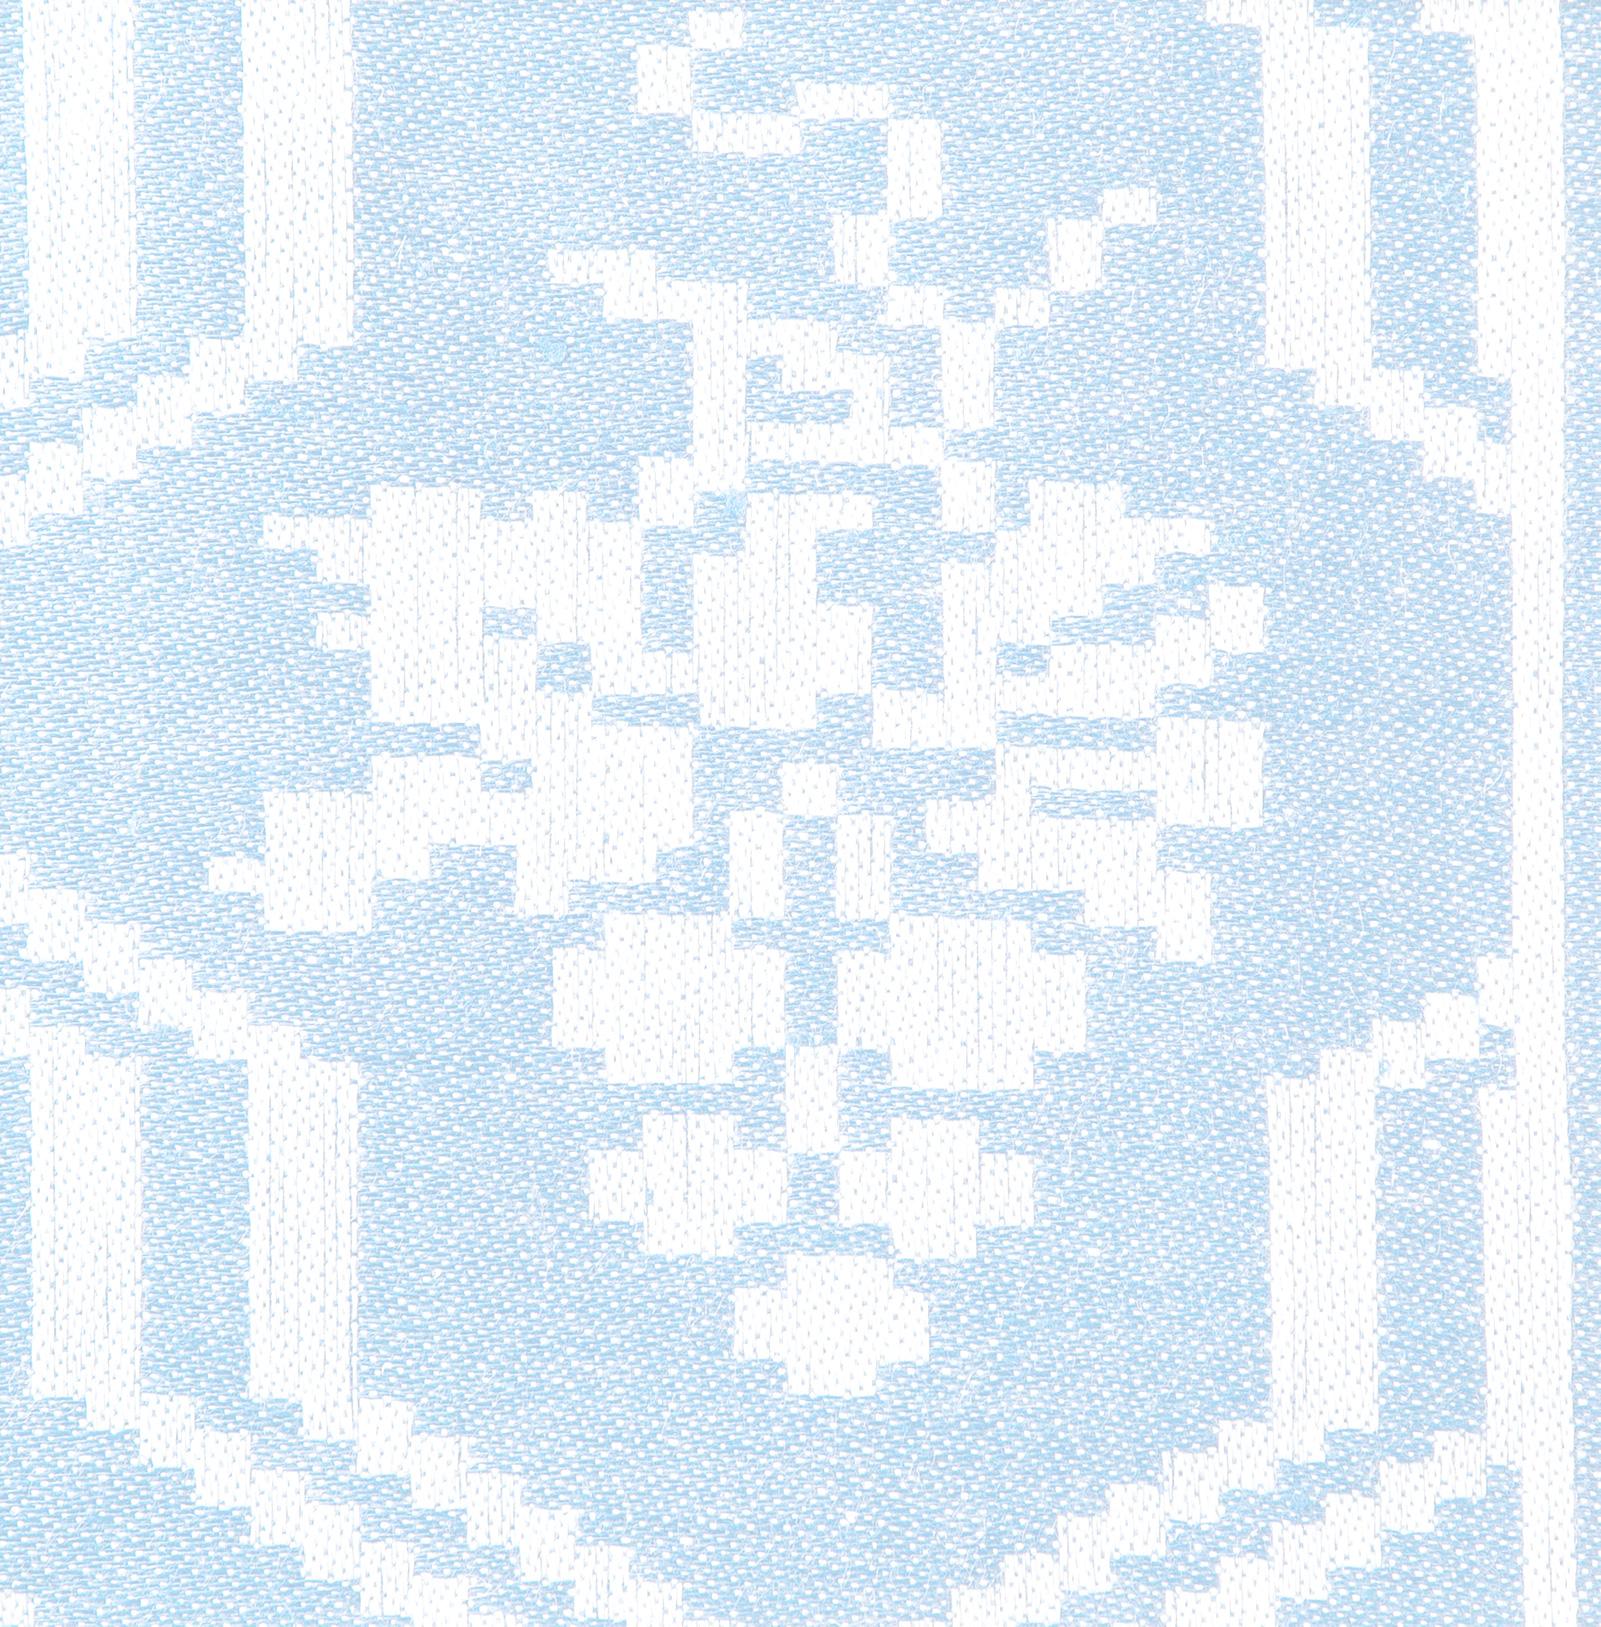 Druvklasen linne duk och servettmöster Klässbols Linneväveri formgiven av Hjalmar Johansson mörkblå